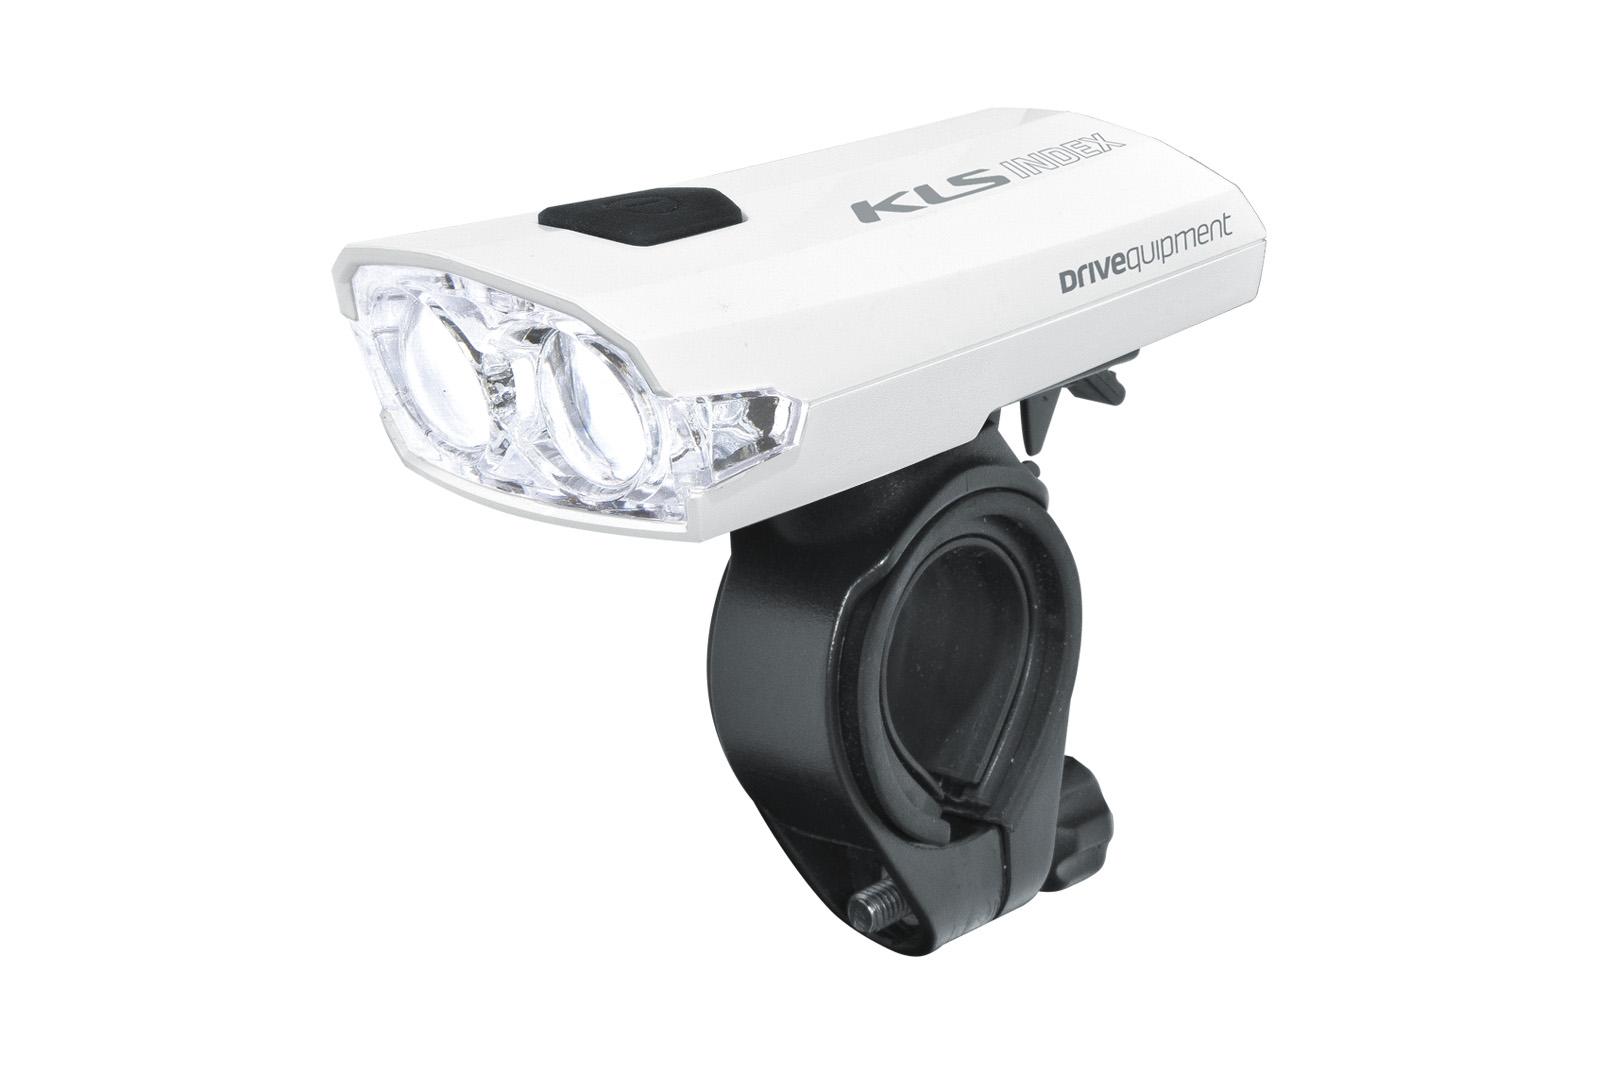 Světlo přední dobíjecí KLS INDEX 016 F, white (přední světlo KLS INDEX, dobíjecí, barva bílá)